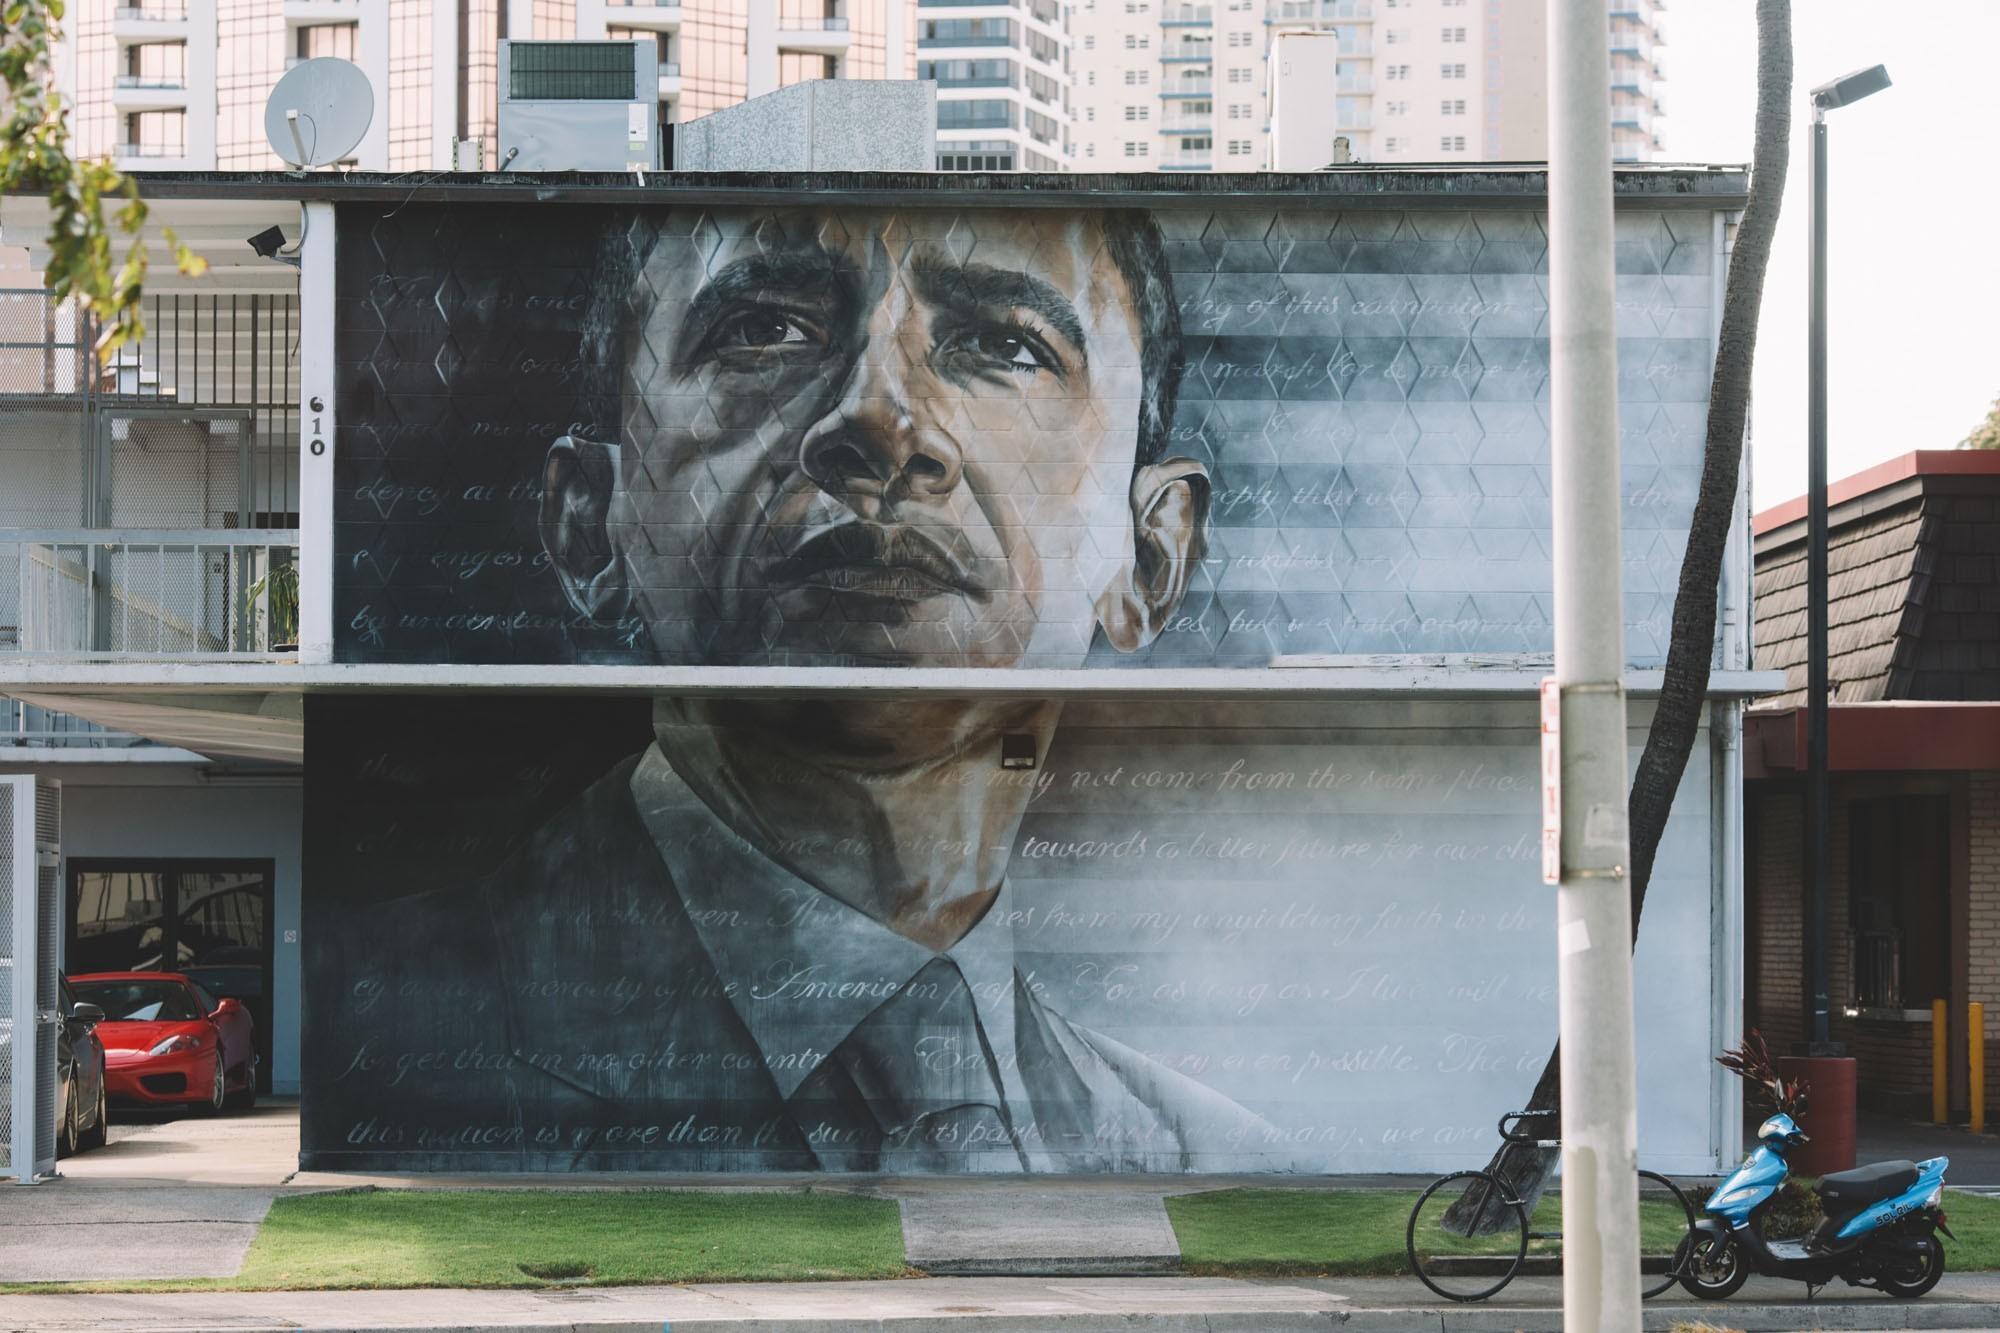 Hapa by kamea hadar in honolulu streetartnews for Mural meaning